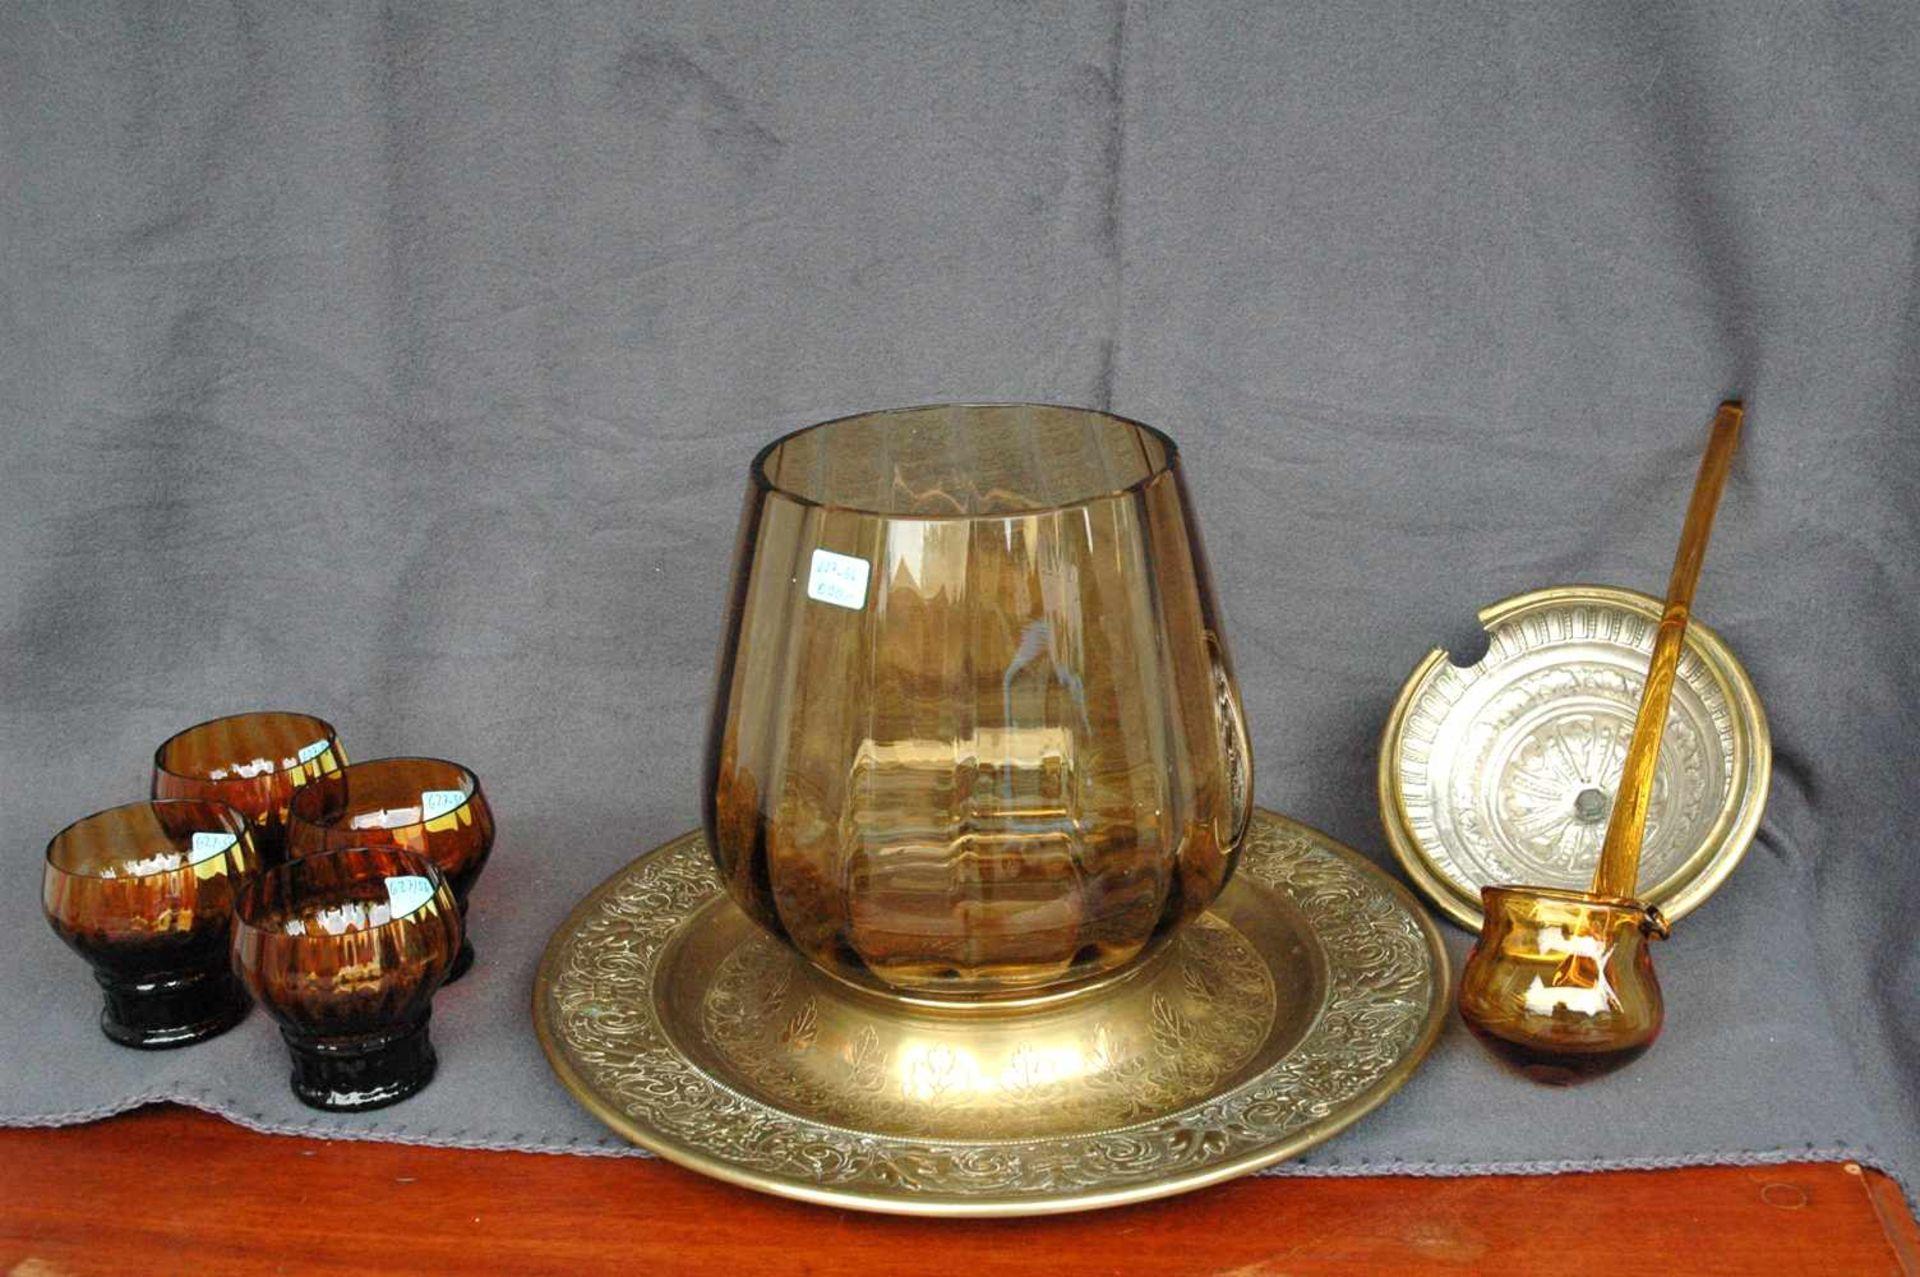 Bowlengefäß, Messing, bernsteinfarbenes Glas mit vier Gläsern - Bild 2 aus 5